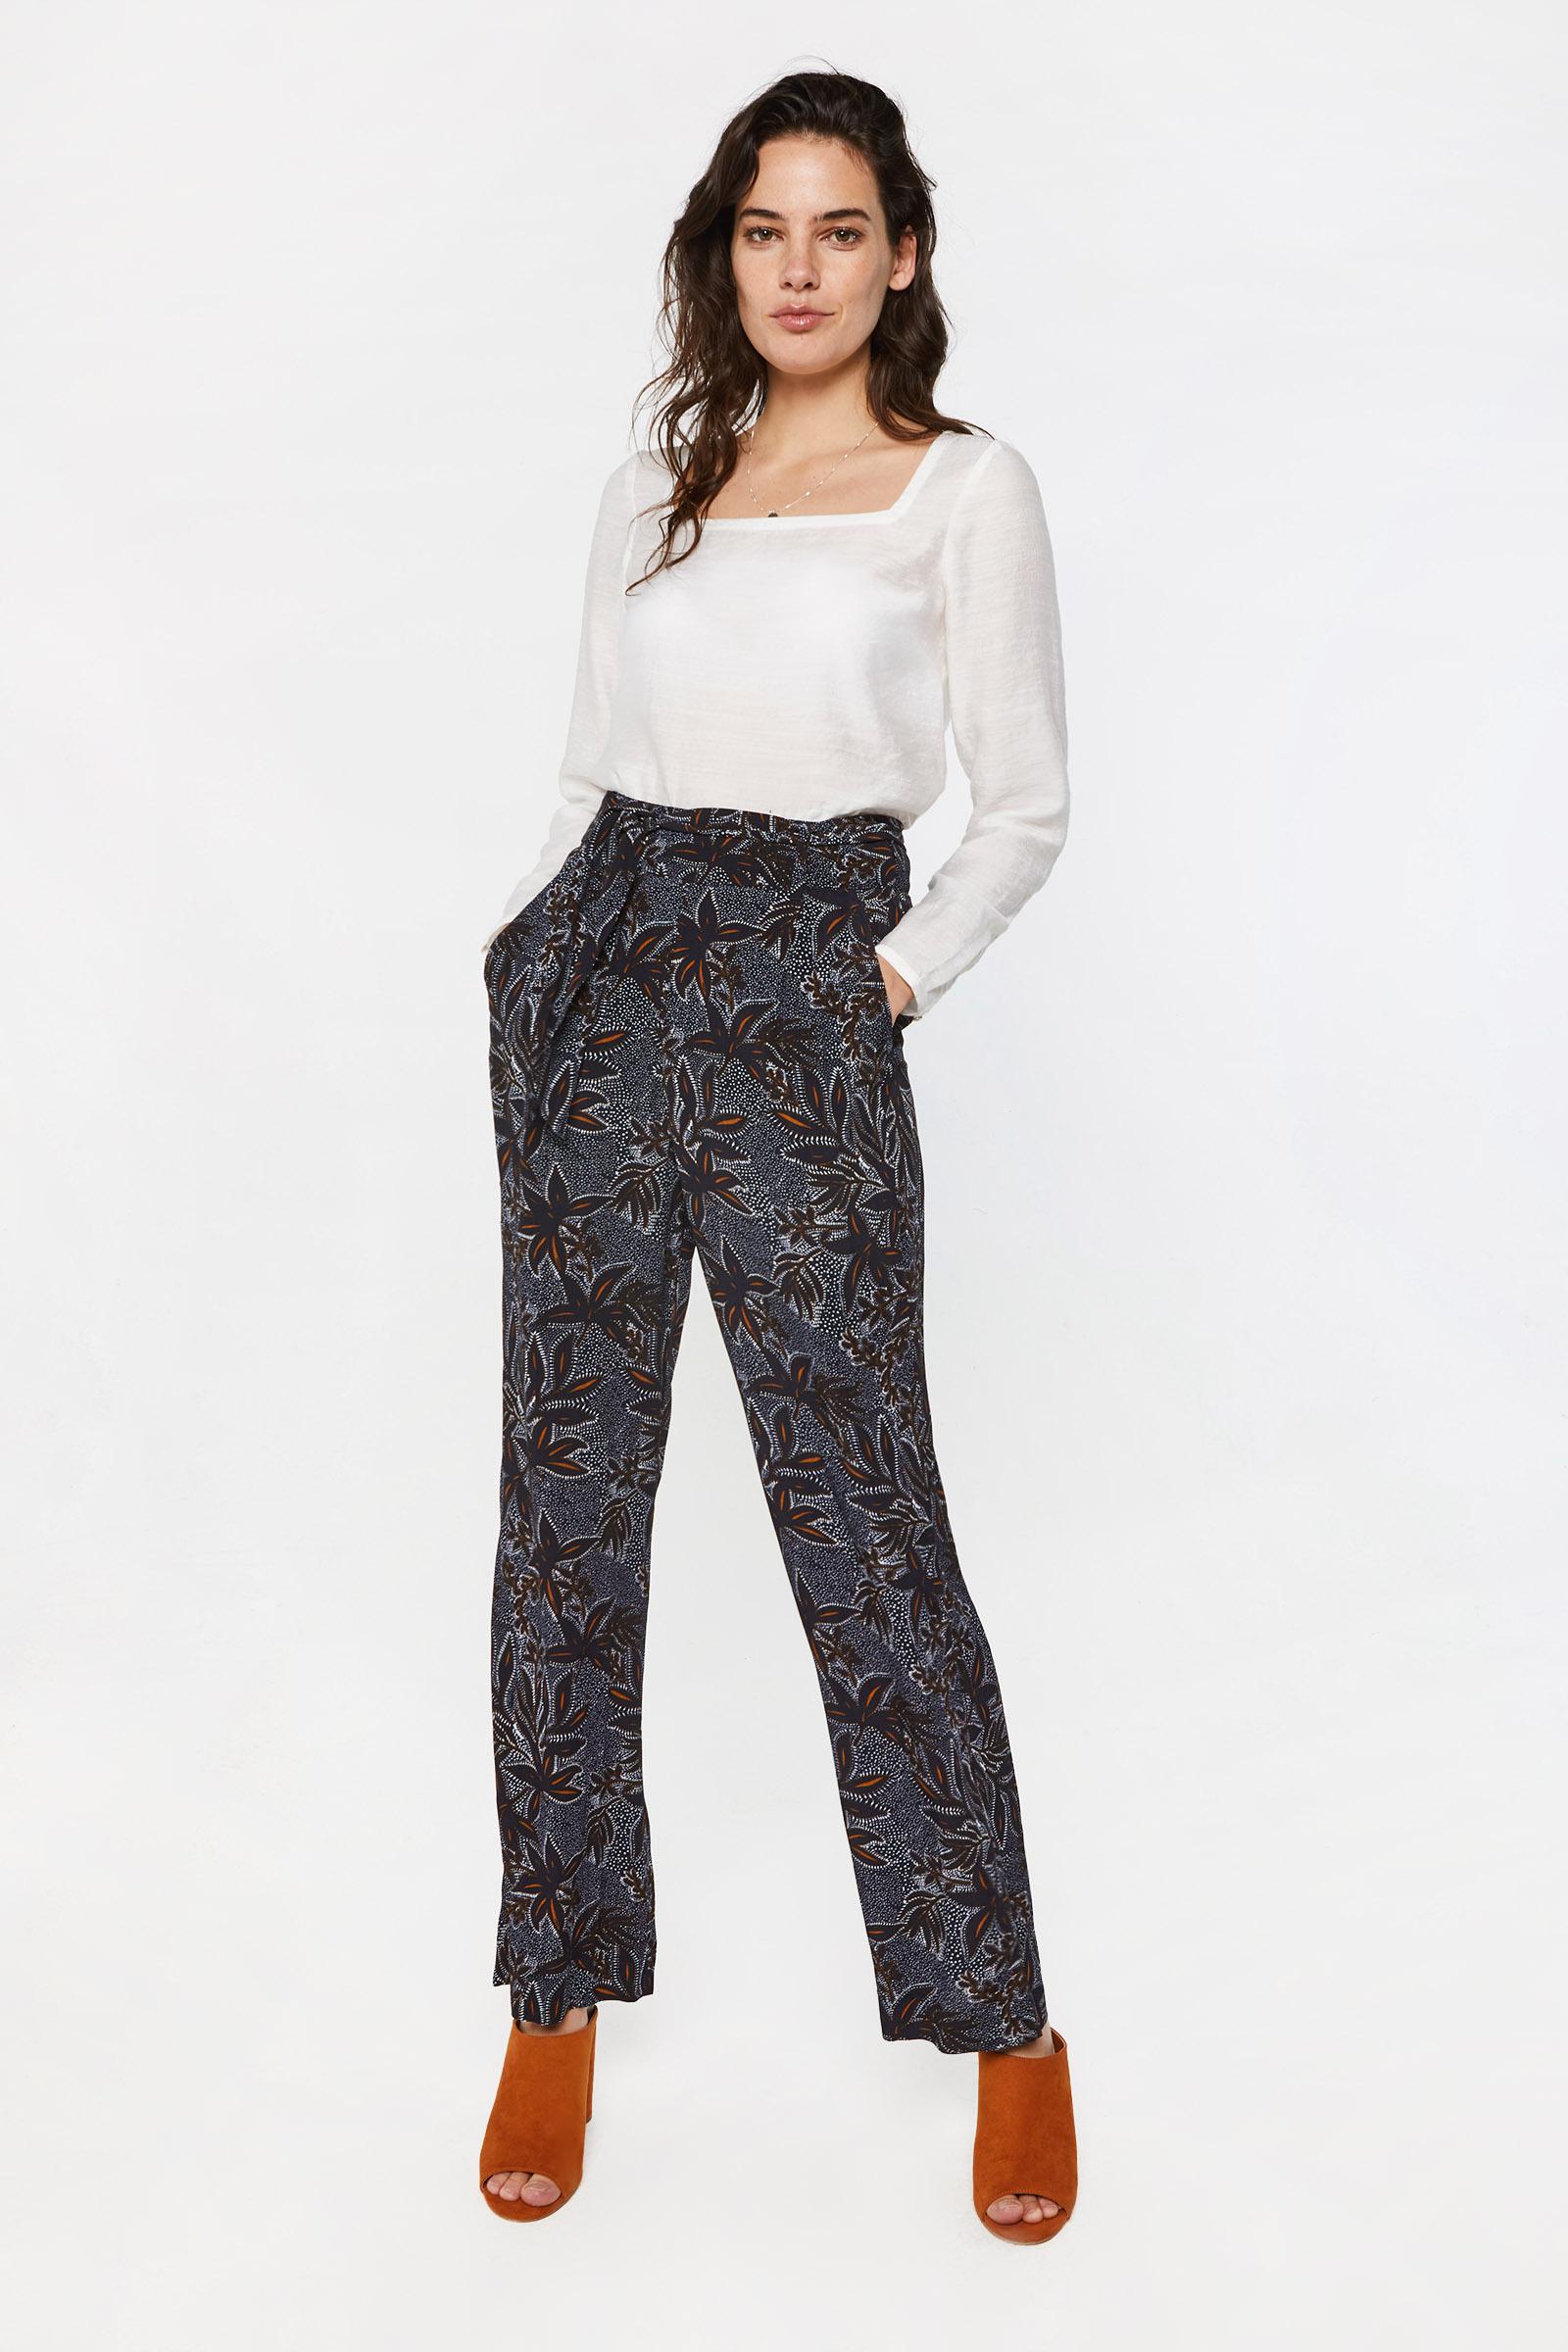 Dames high waist broek met dessin | 95149073 WE Fashion